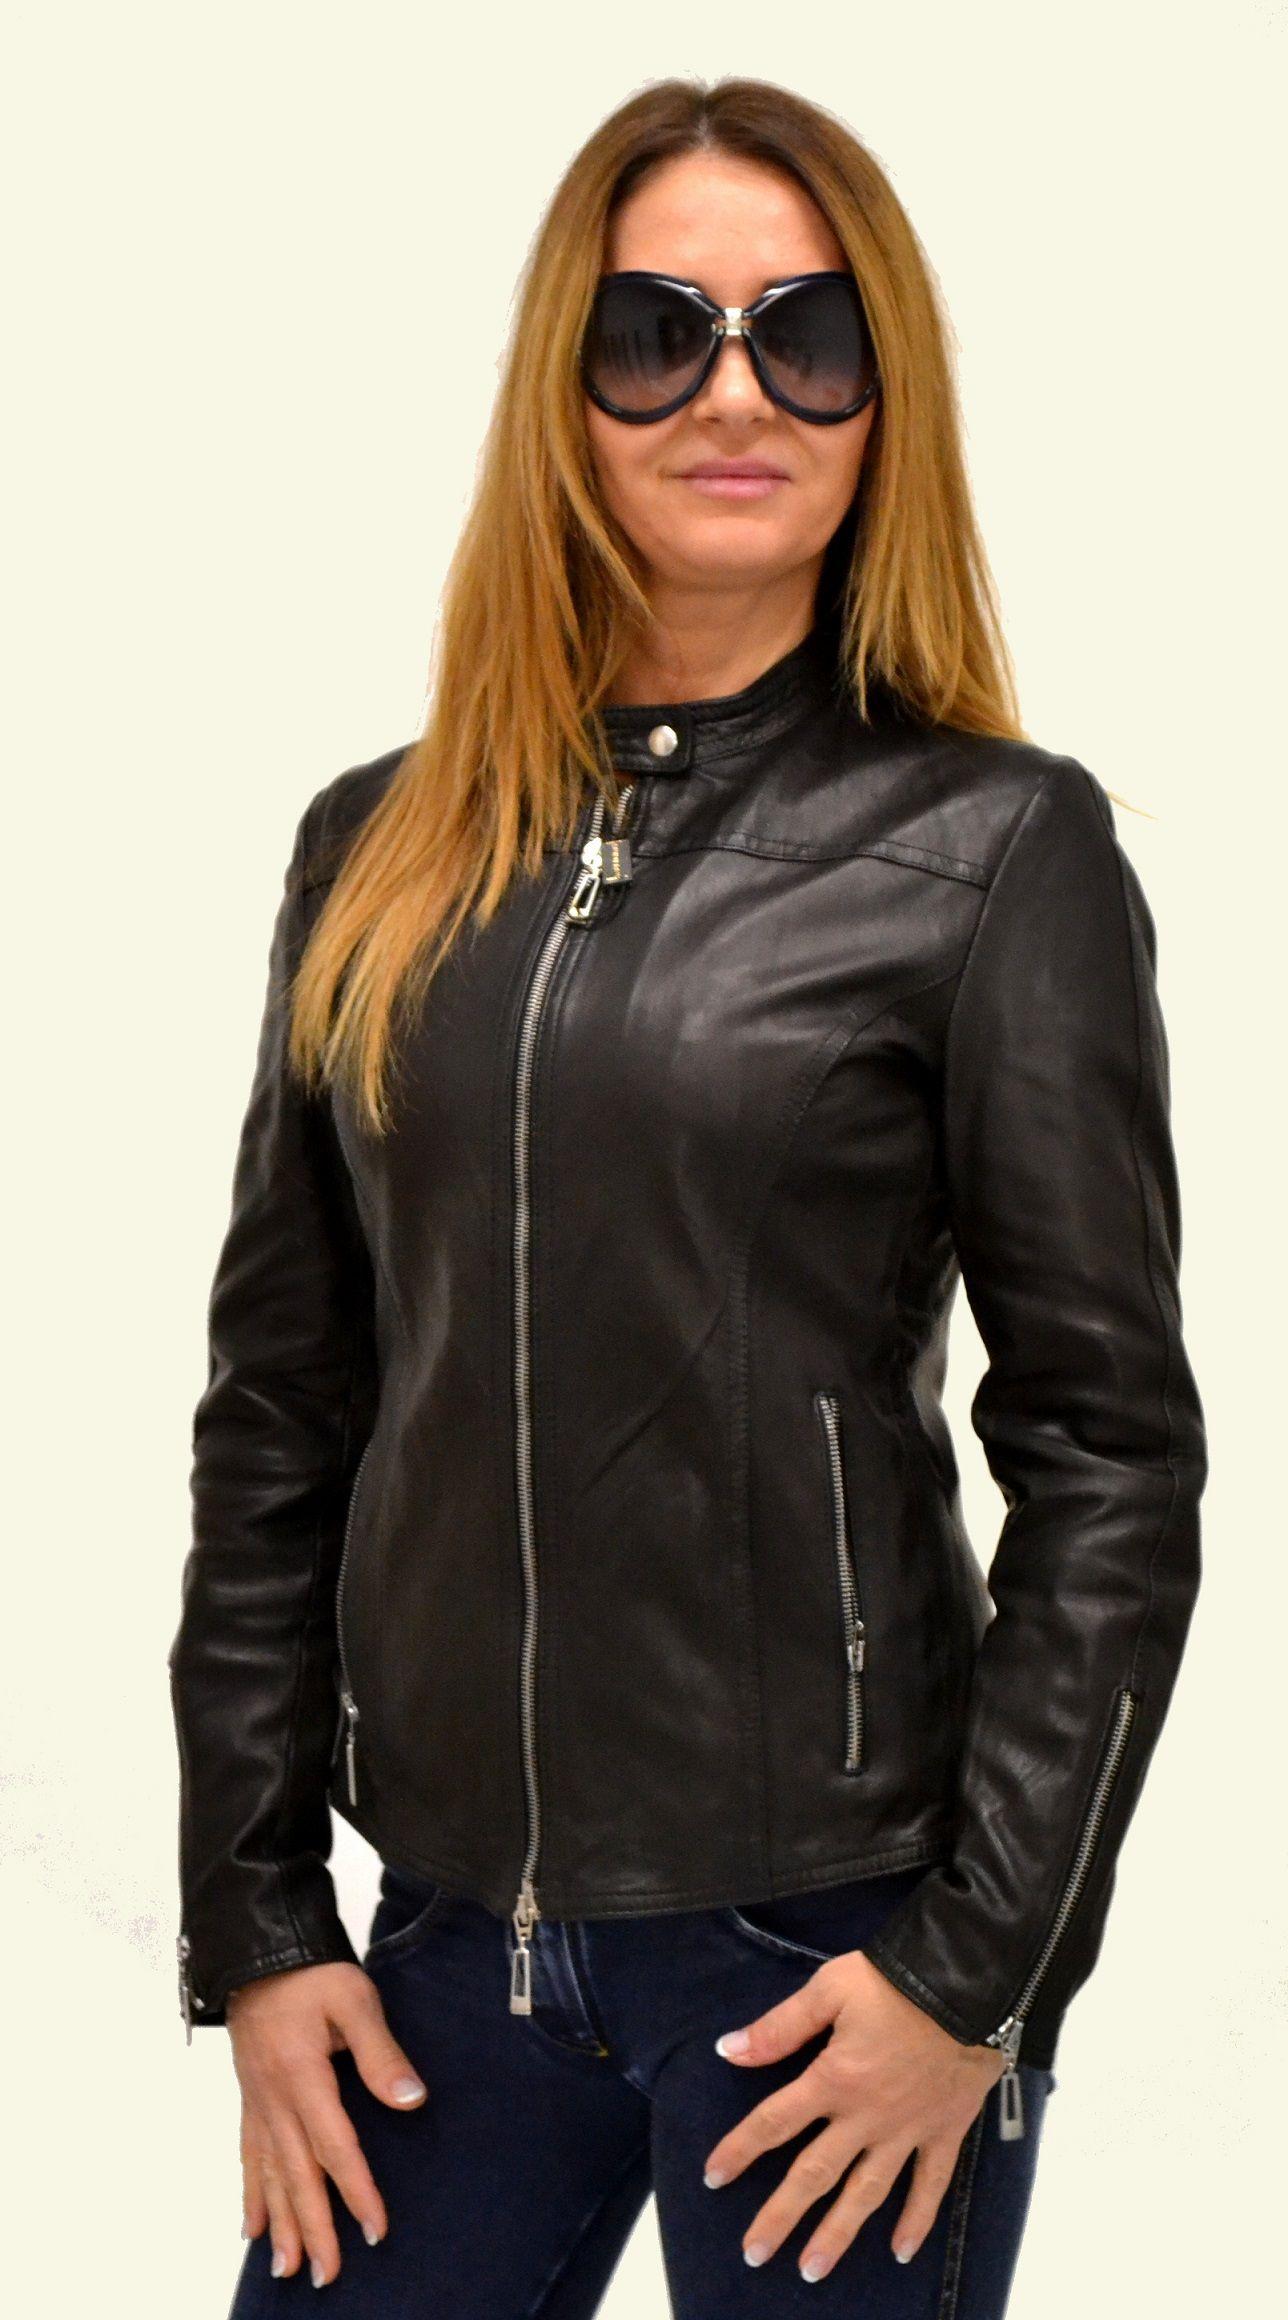 the latest fa2cc 3440a Woman leather jacket silver zip Giubbino nappa con zip ...